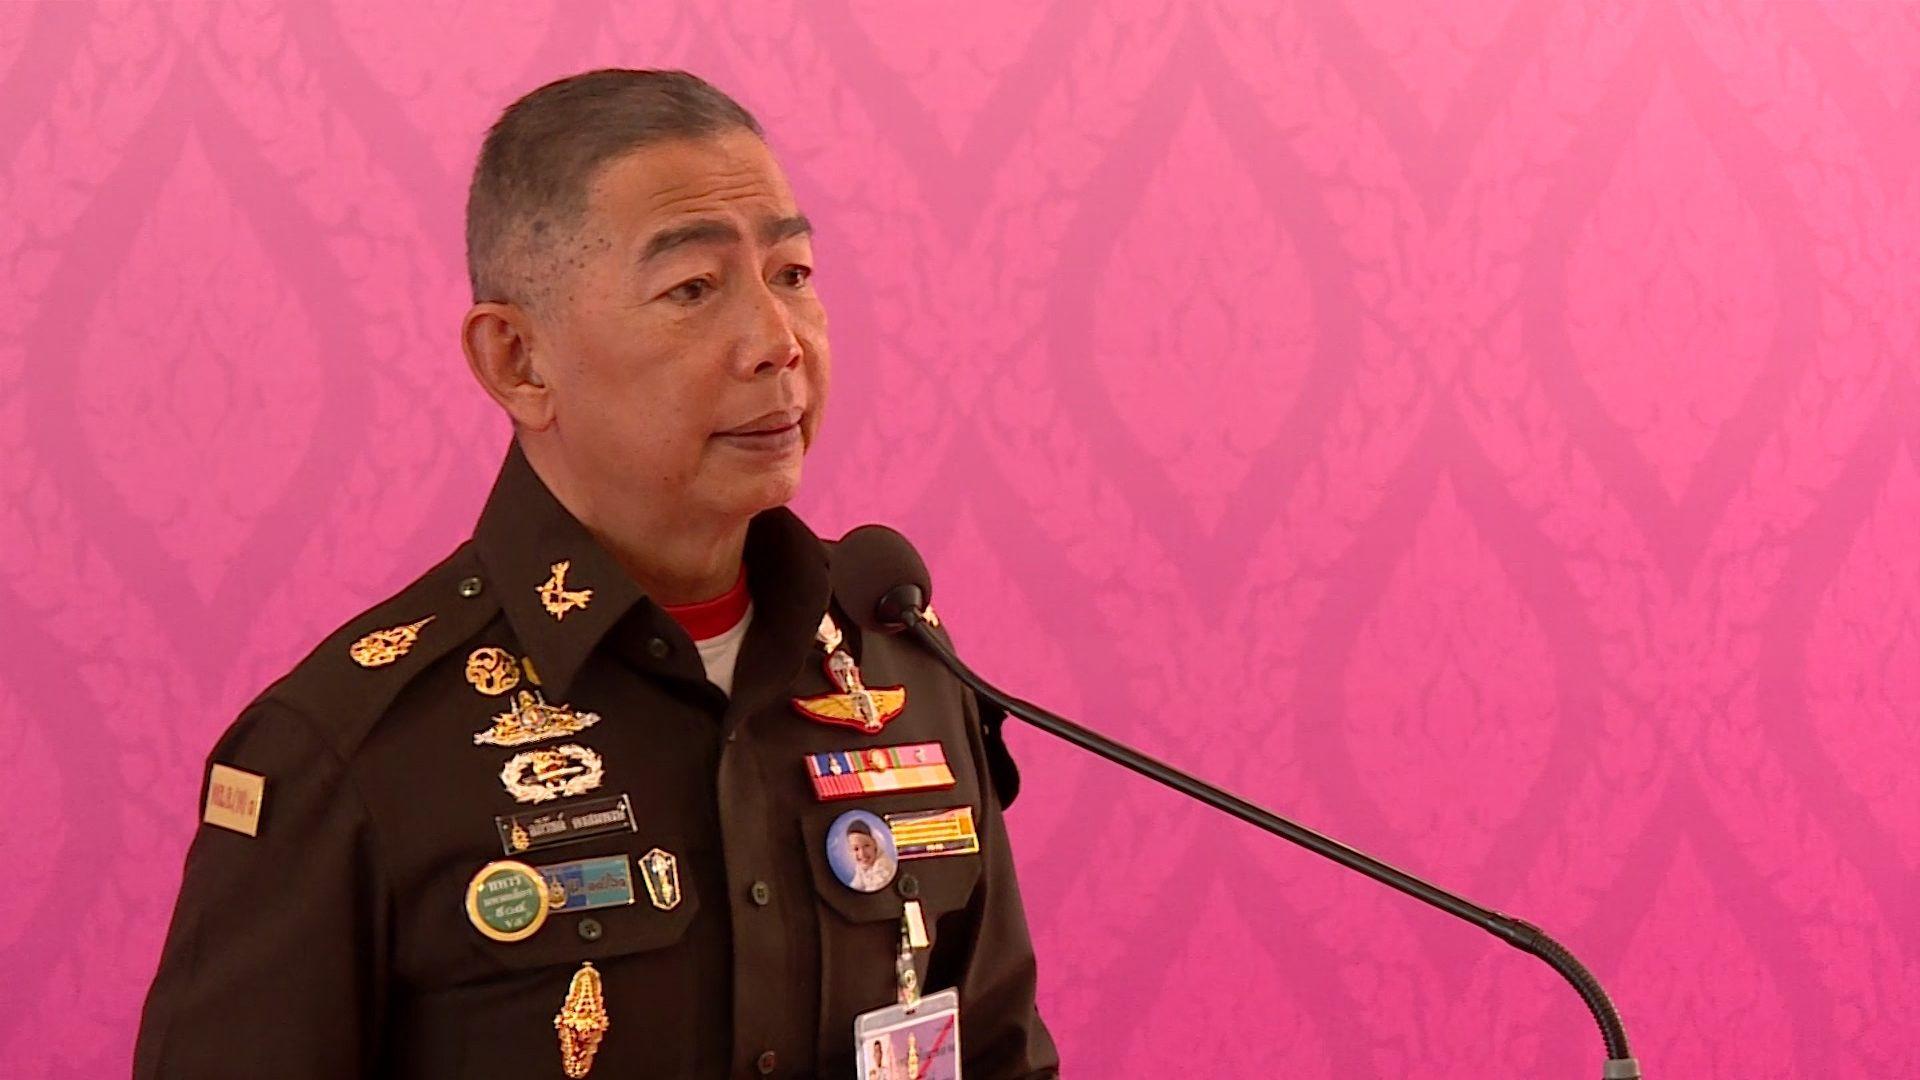 ข่าวสดวันนี้ ปิยบุตร แสงกนกกุล ผู้บัญชาการทหารบก พรรคอนาคตใหม่ พล.อ.อภิรัชต์ คงสมพงษ์